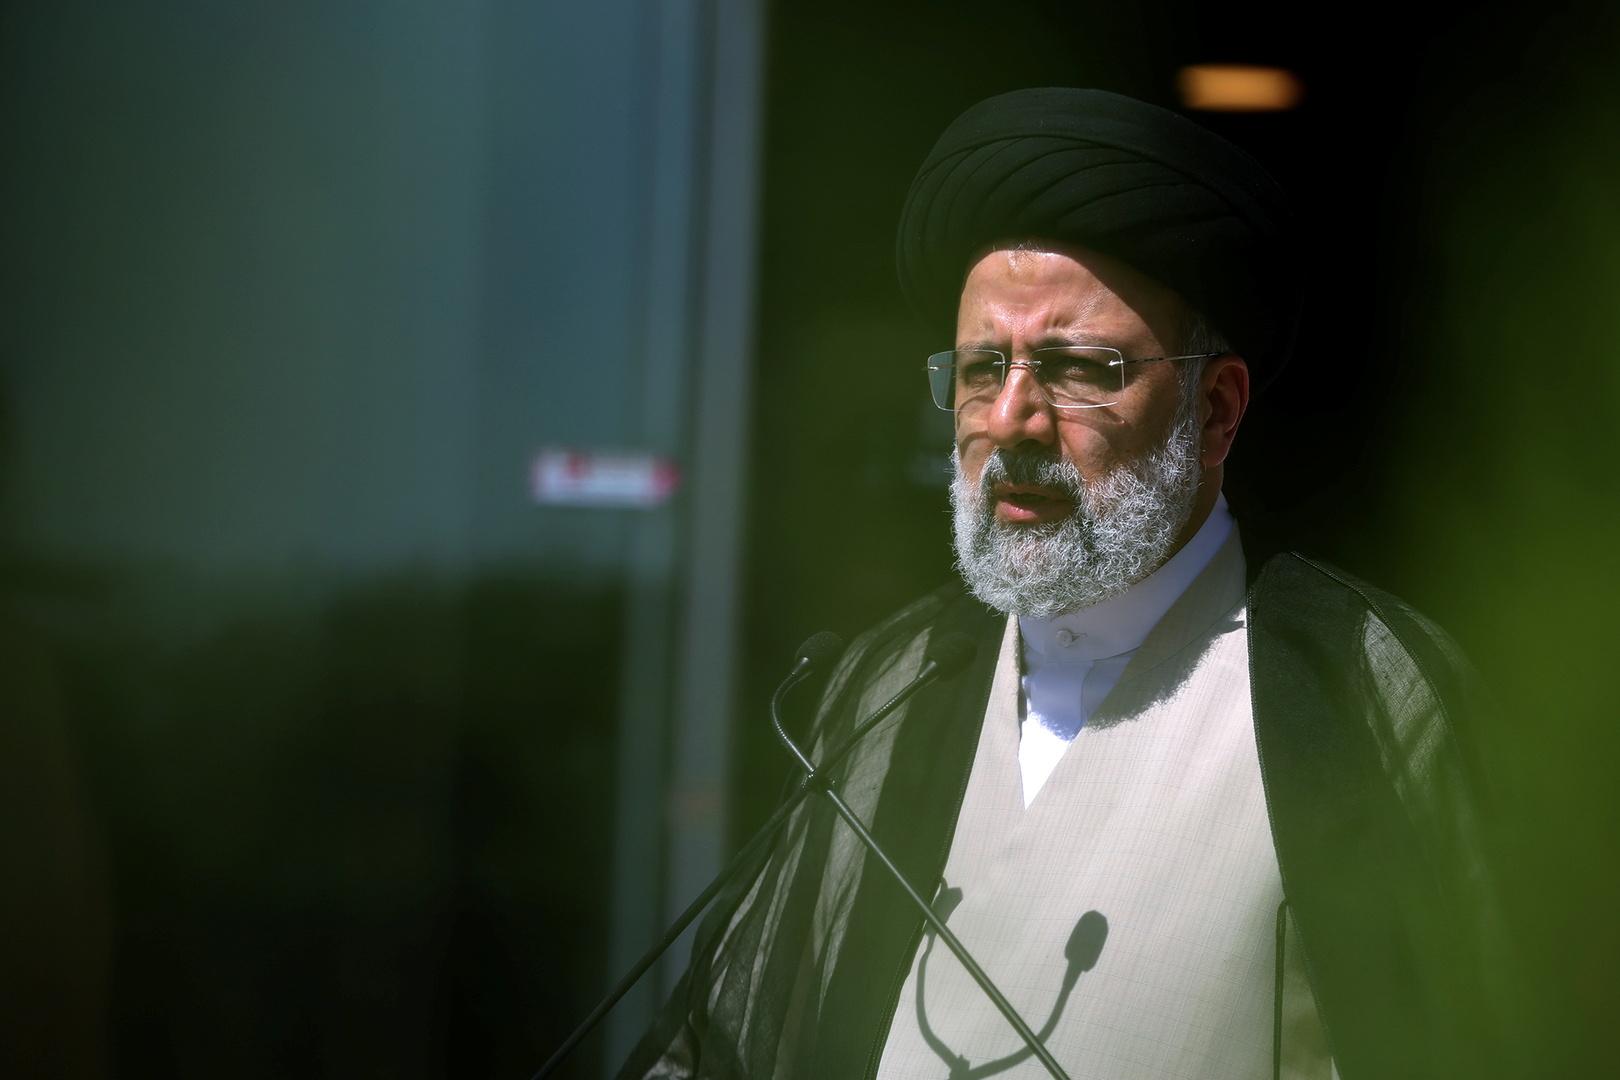 الرئيس الإيراني: لا يحق لأحد من خارج اليمن أن يقرر مصير هذا البلد